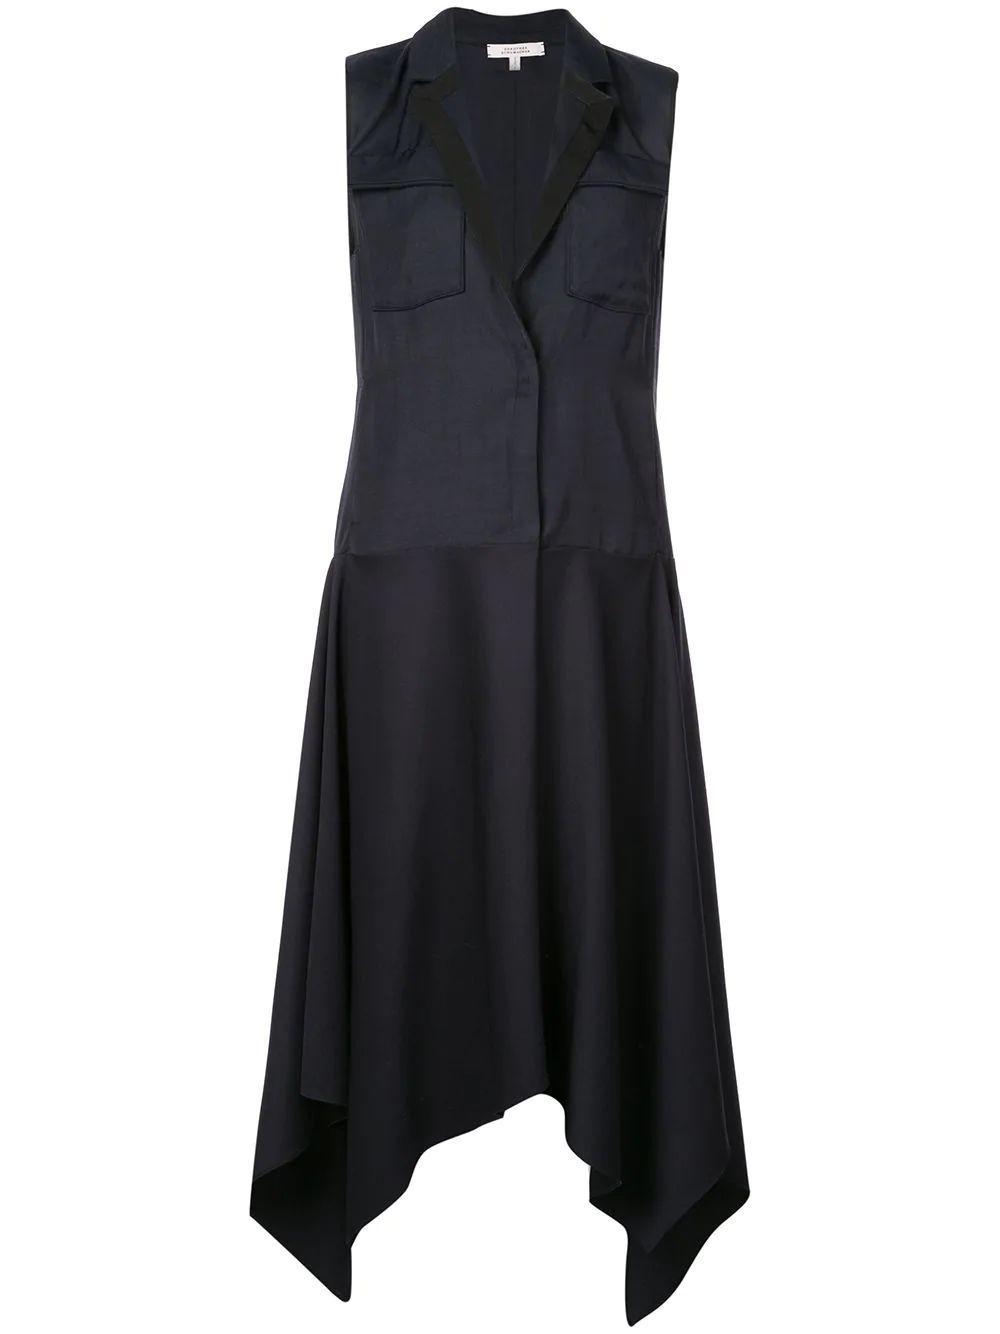 Midsummer Tailoring Sleeveless Coat